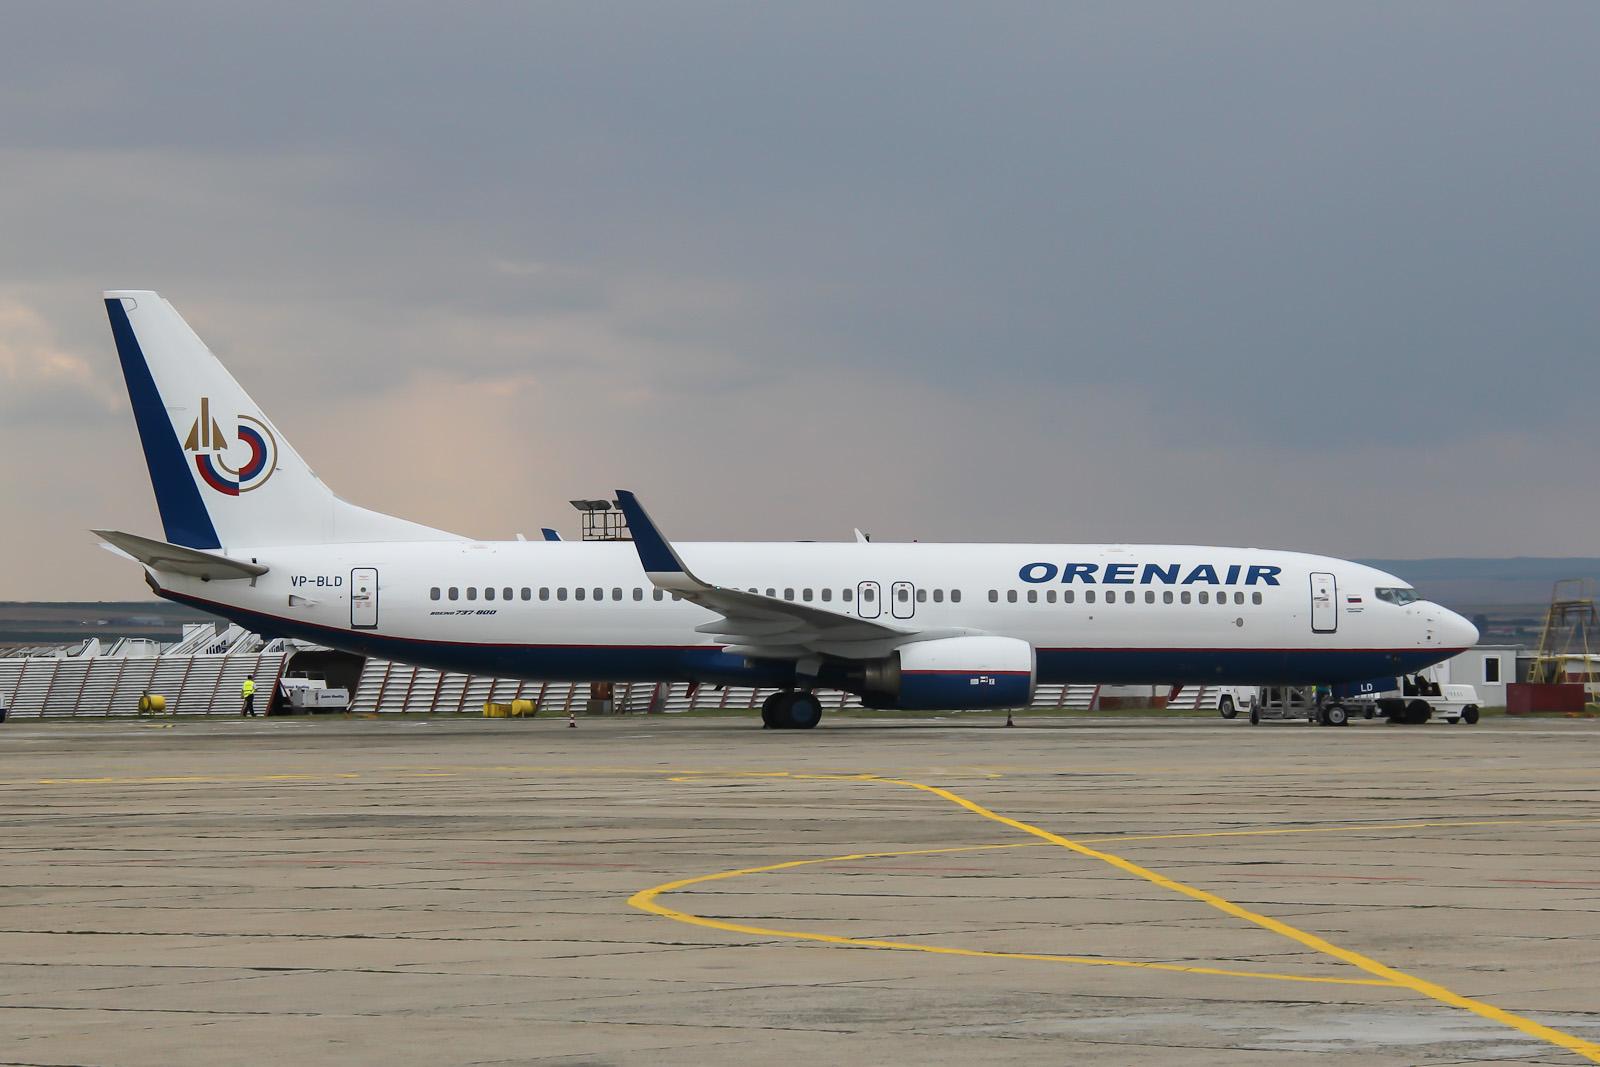 Боинг-737-800 авиакомпании Orenair в аэропорту Бургас